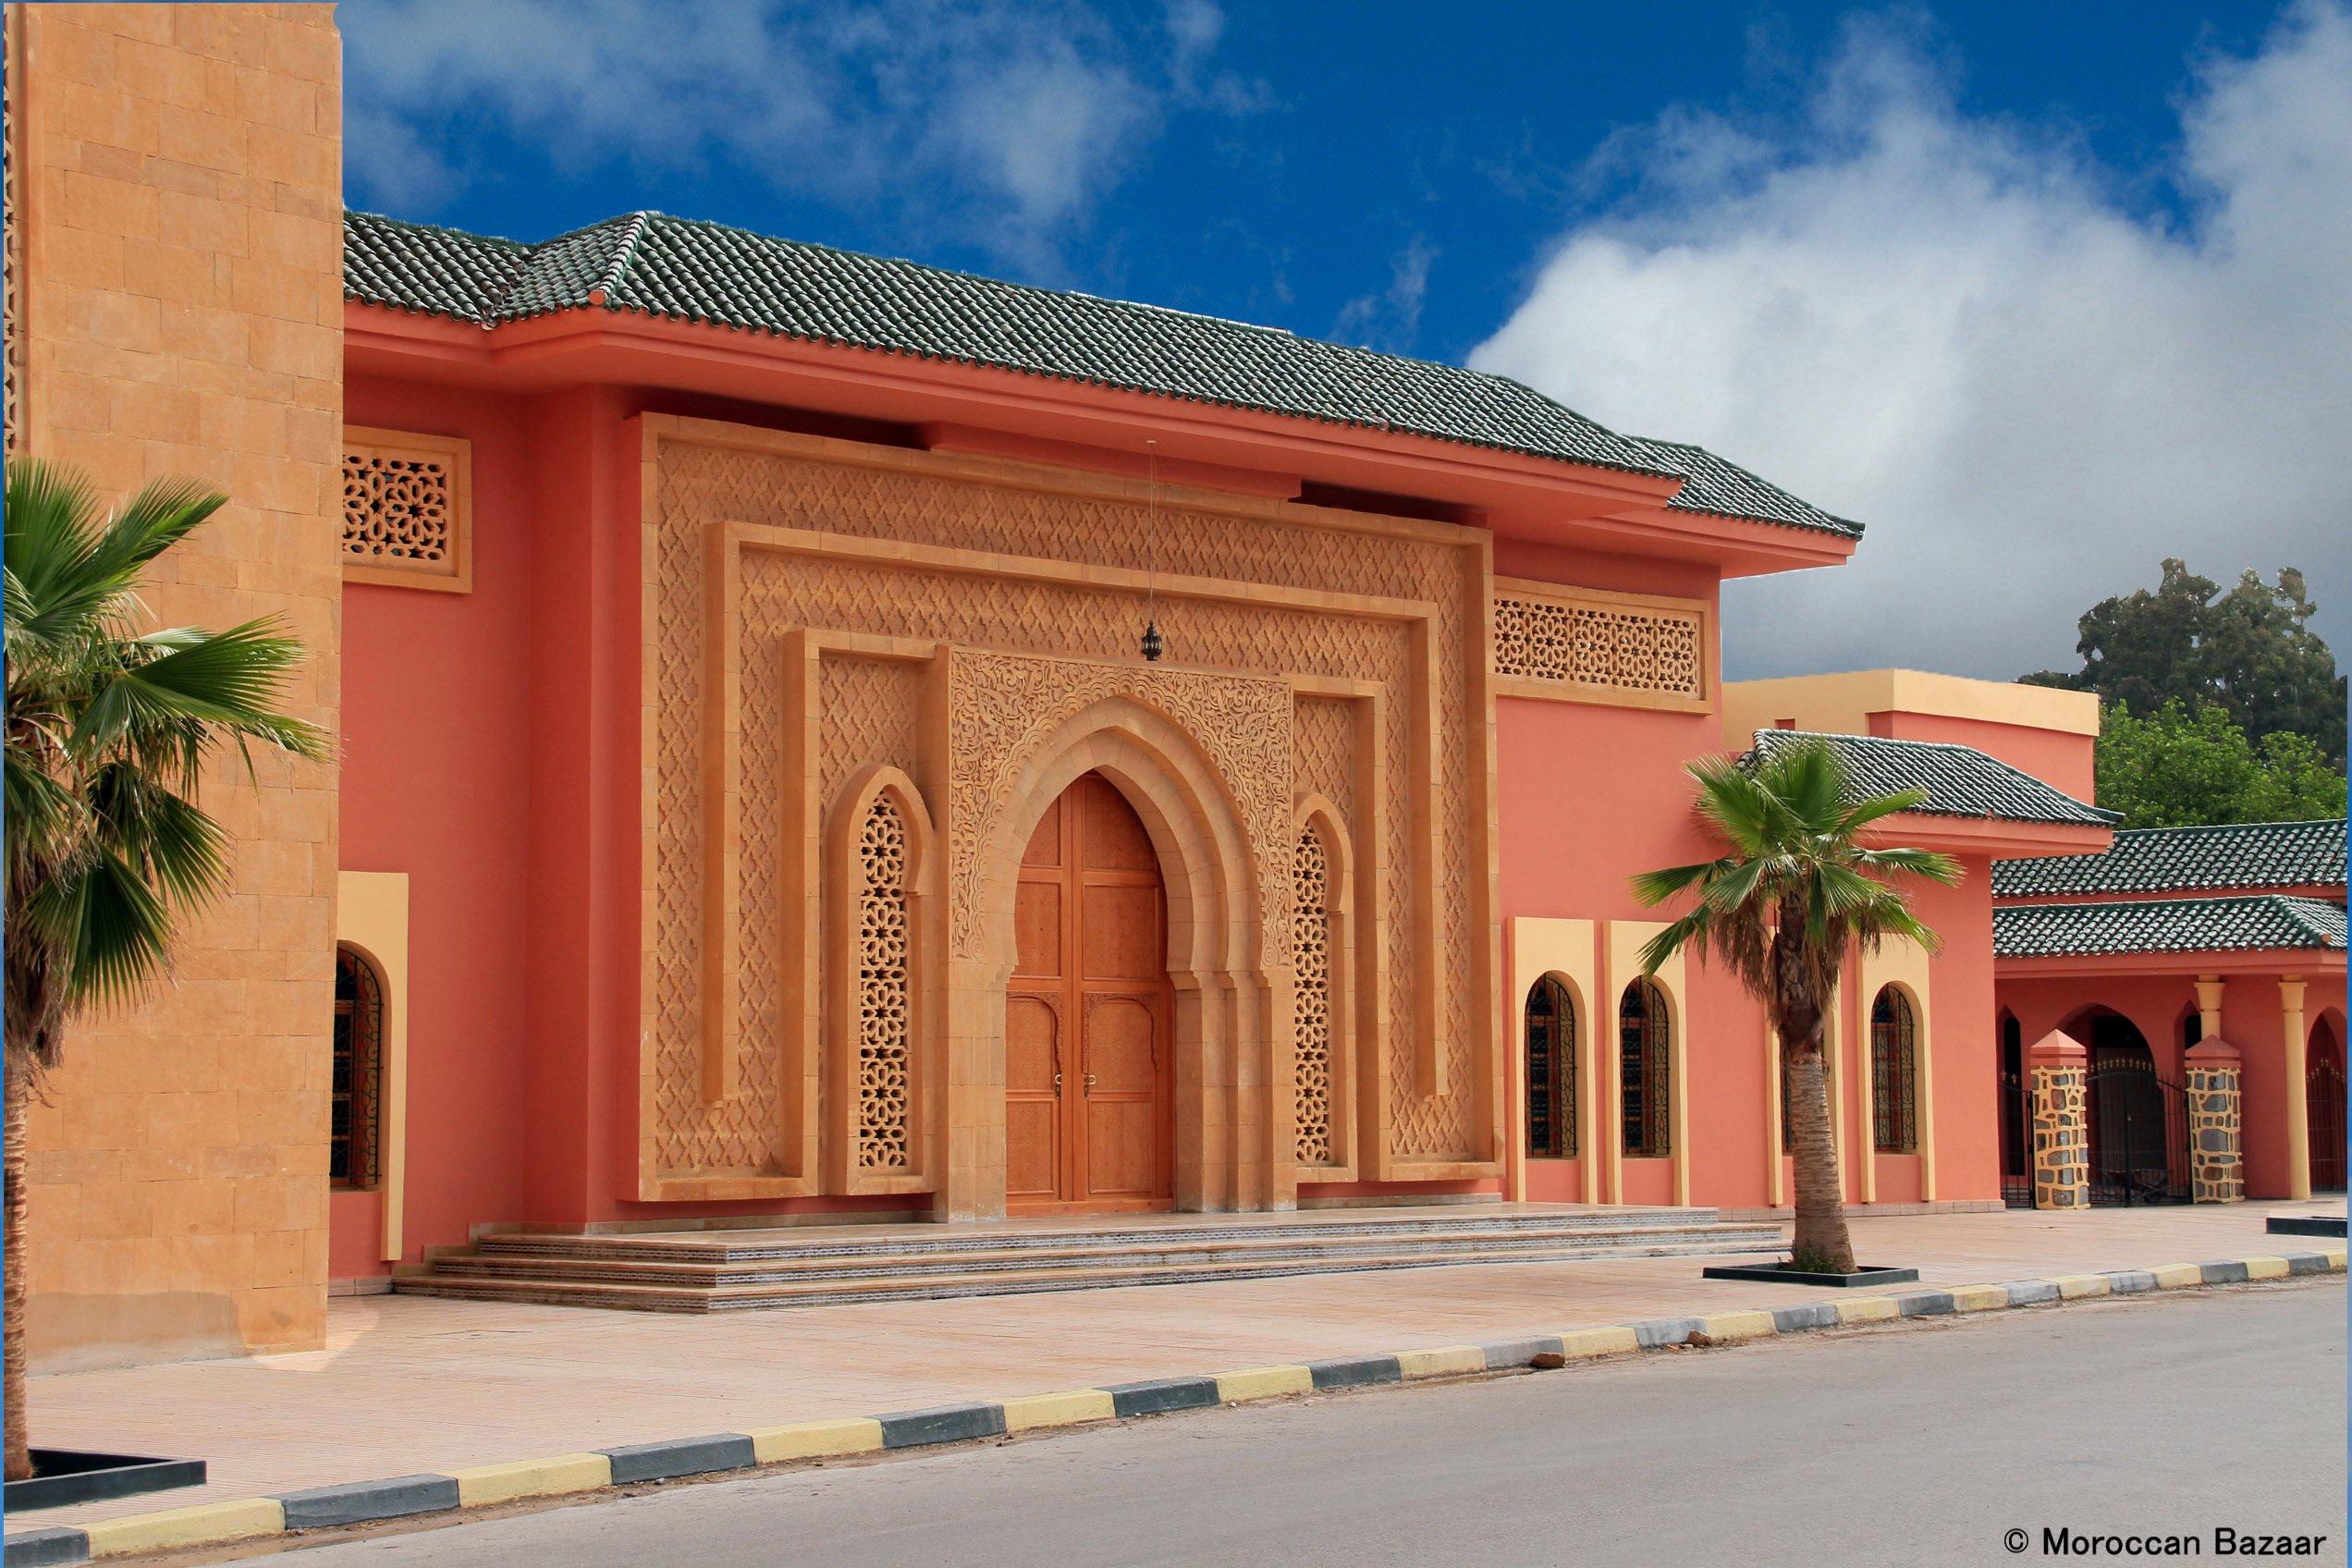 Moroccan Bazaar, élégance & décoration traditionnelle